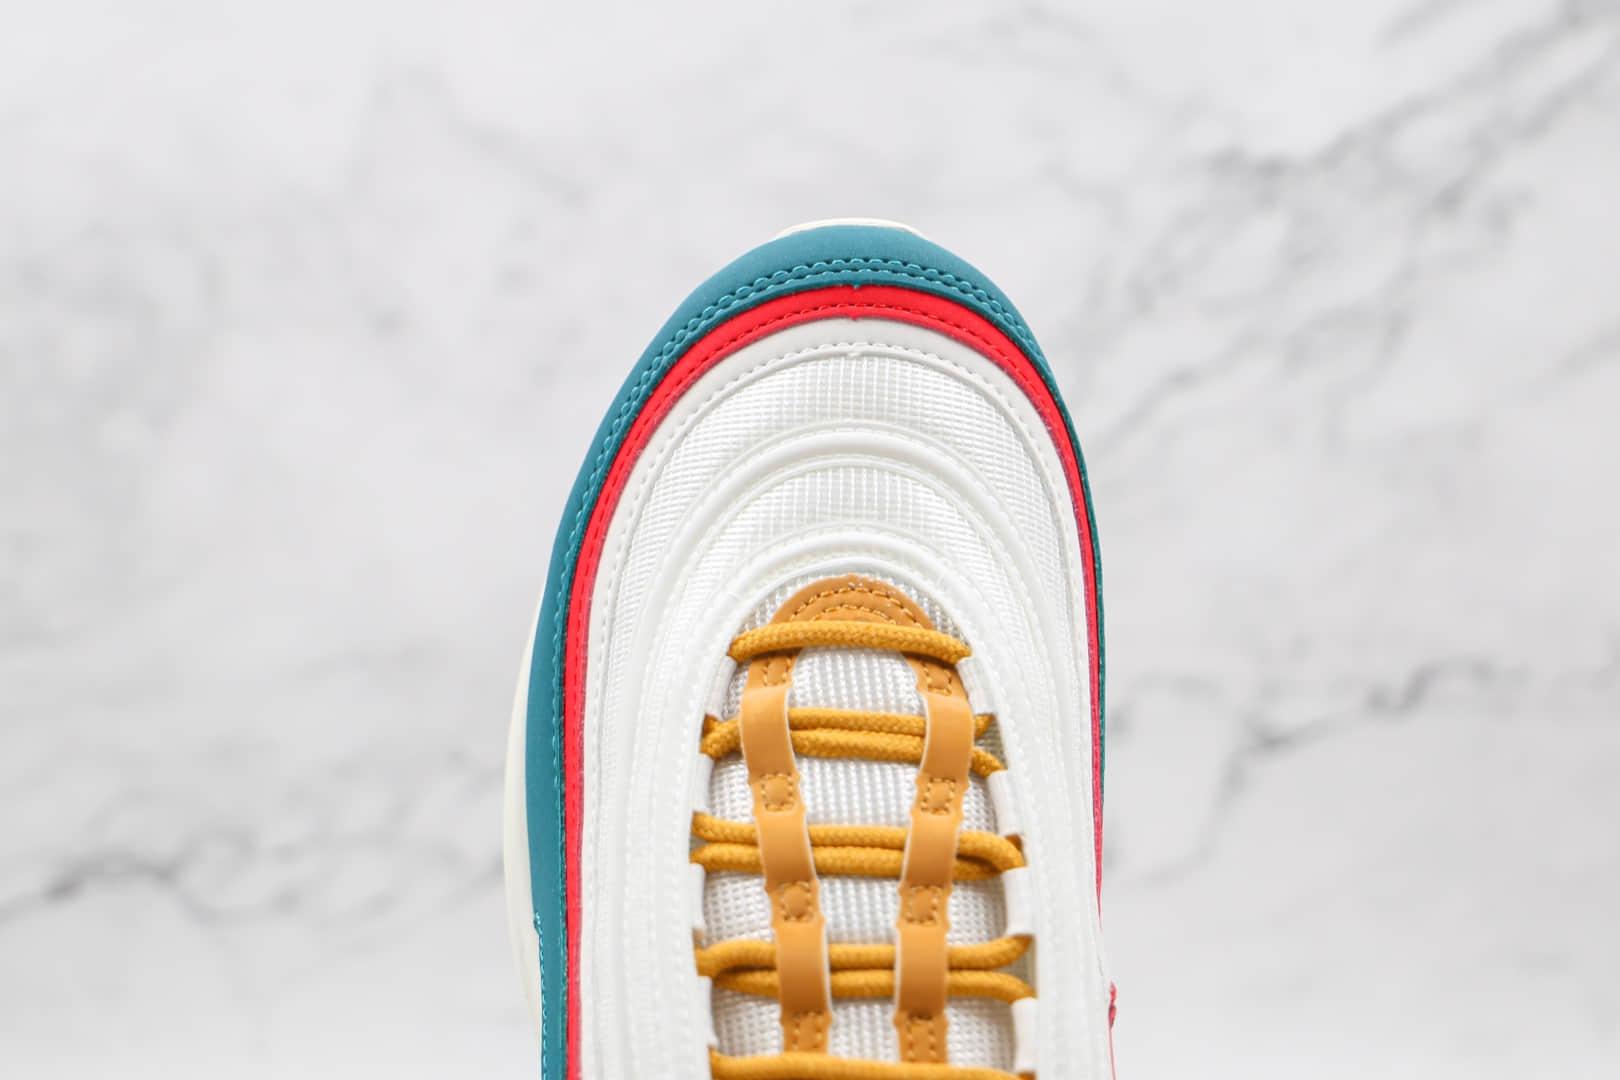 耐克Nike Air Max 97 OG纯原版本白红绿3M反光Max97子弹头气垫鞋内置原厂气垫 货号:DC3494-995